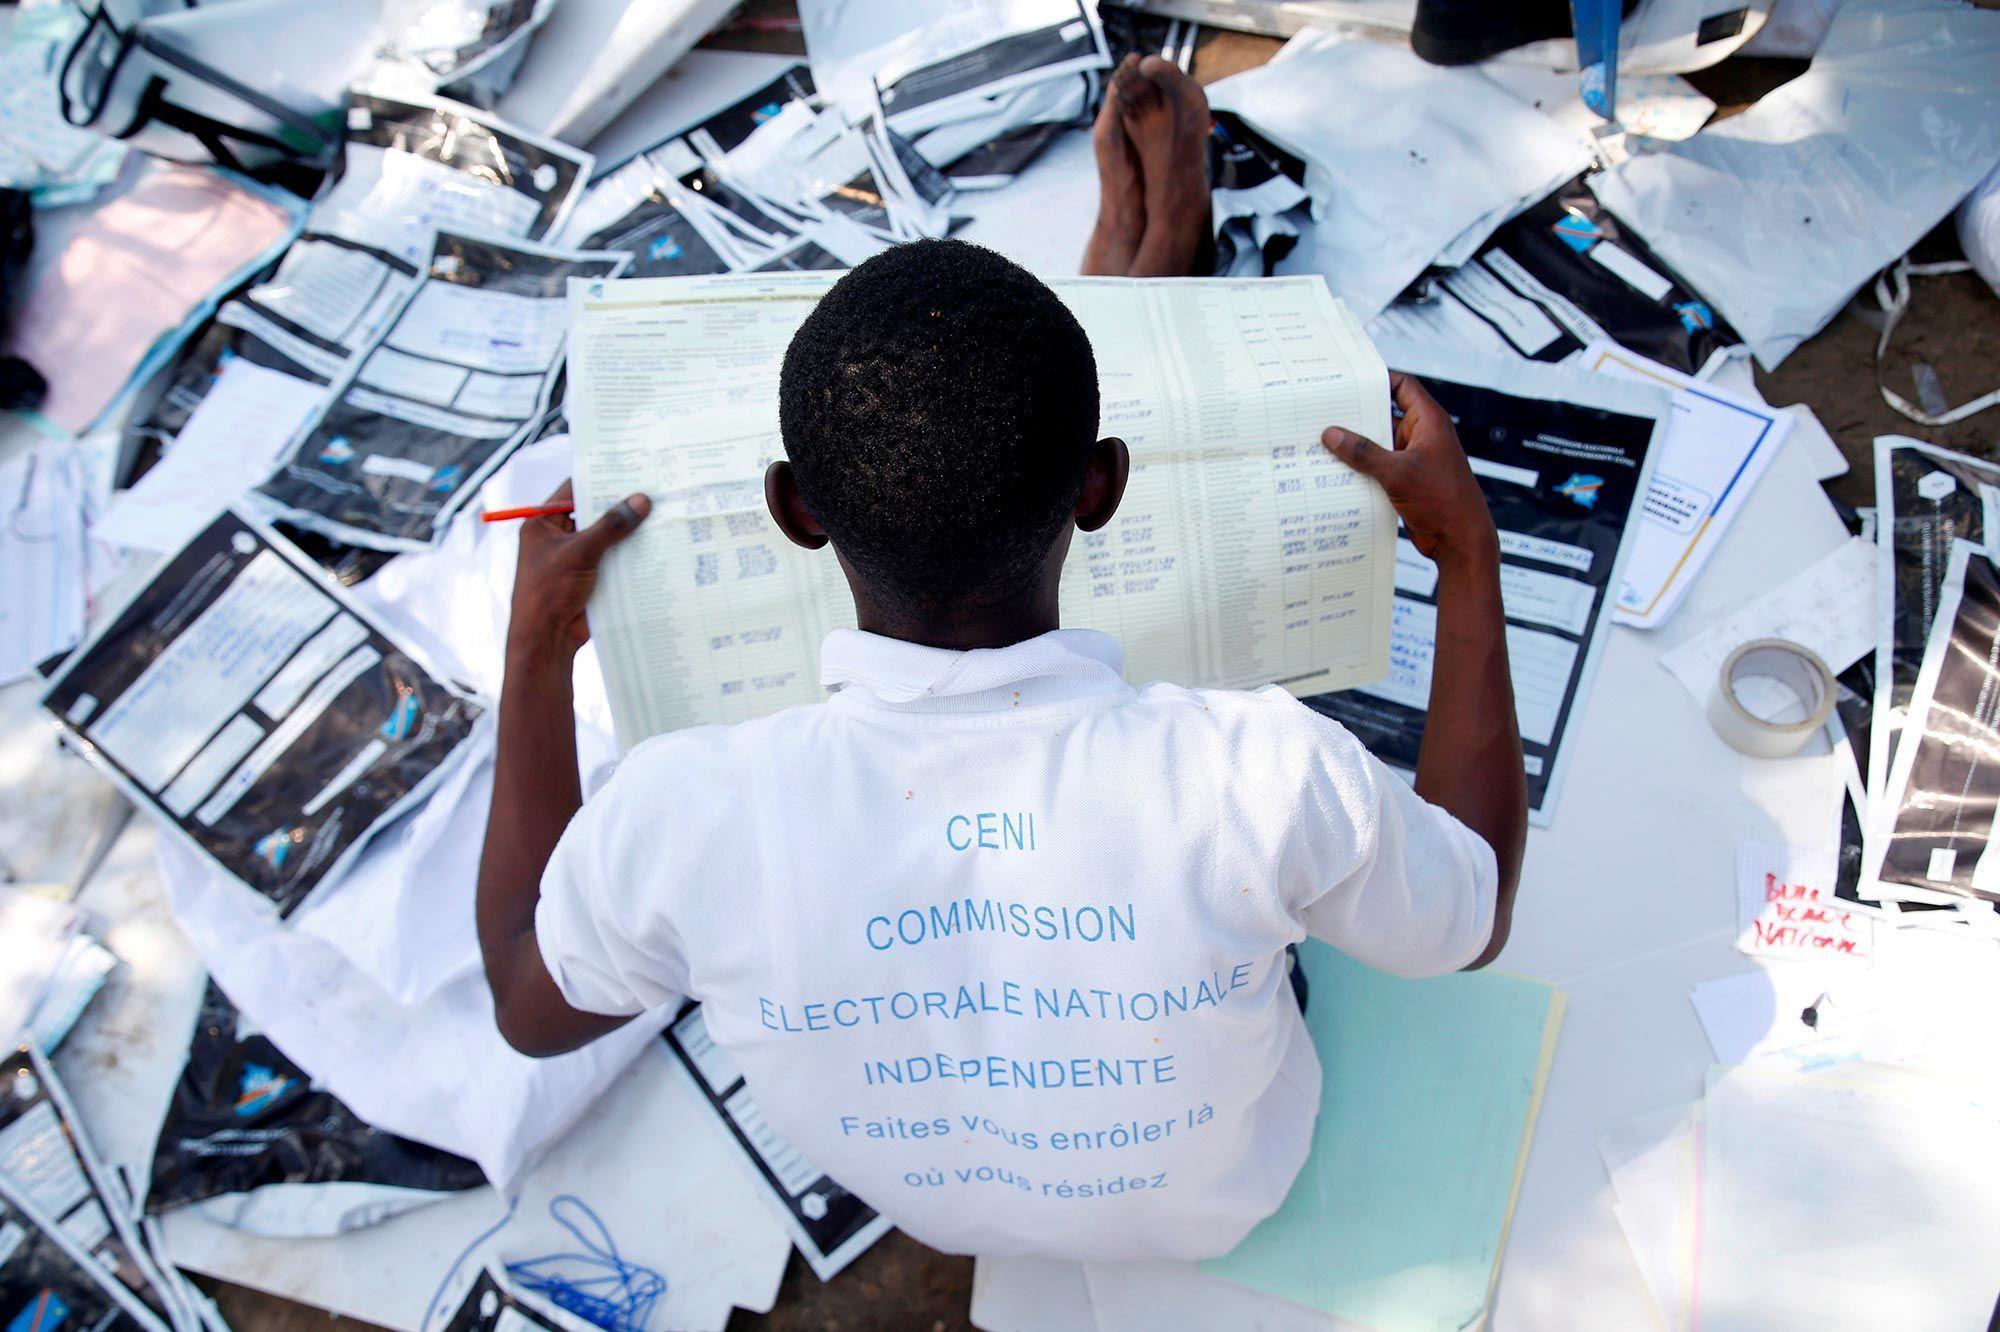 Pression Top Sur S'accentue Céni Africa Success RdcélectionsLa c351FKlJuT